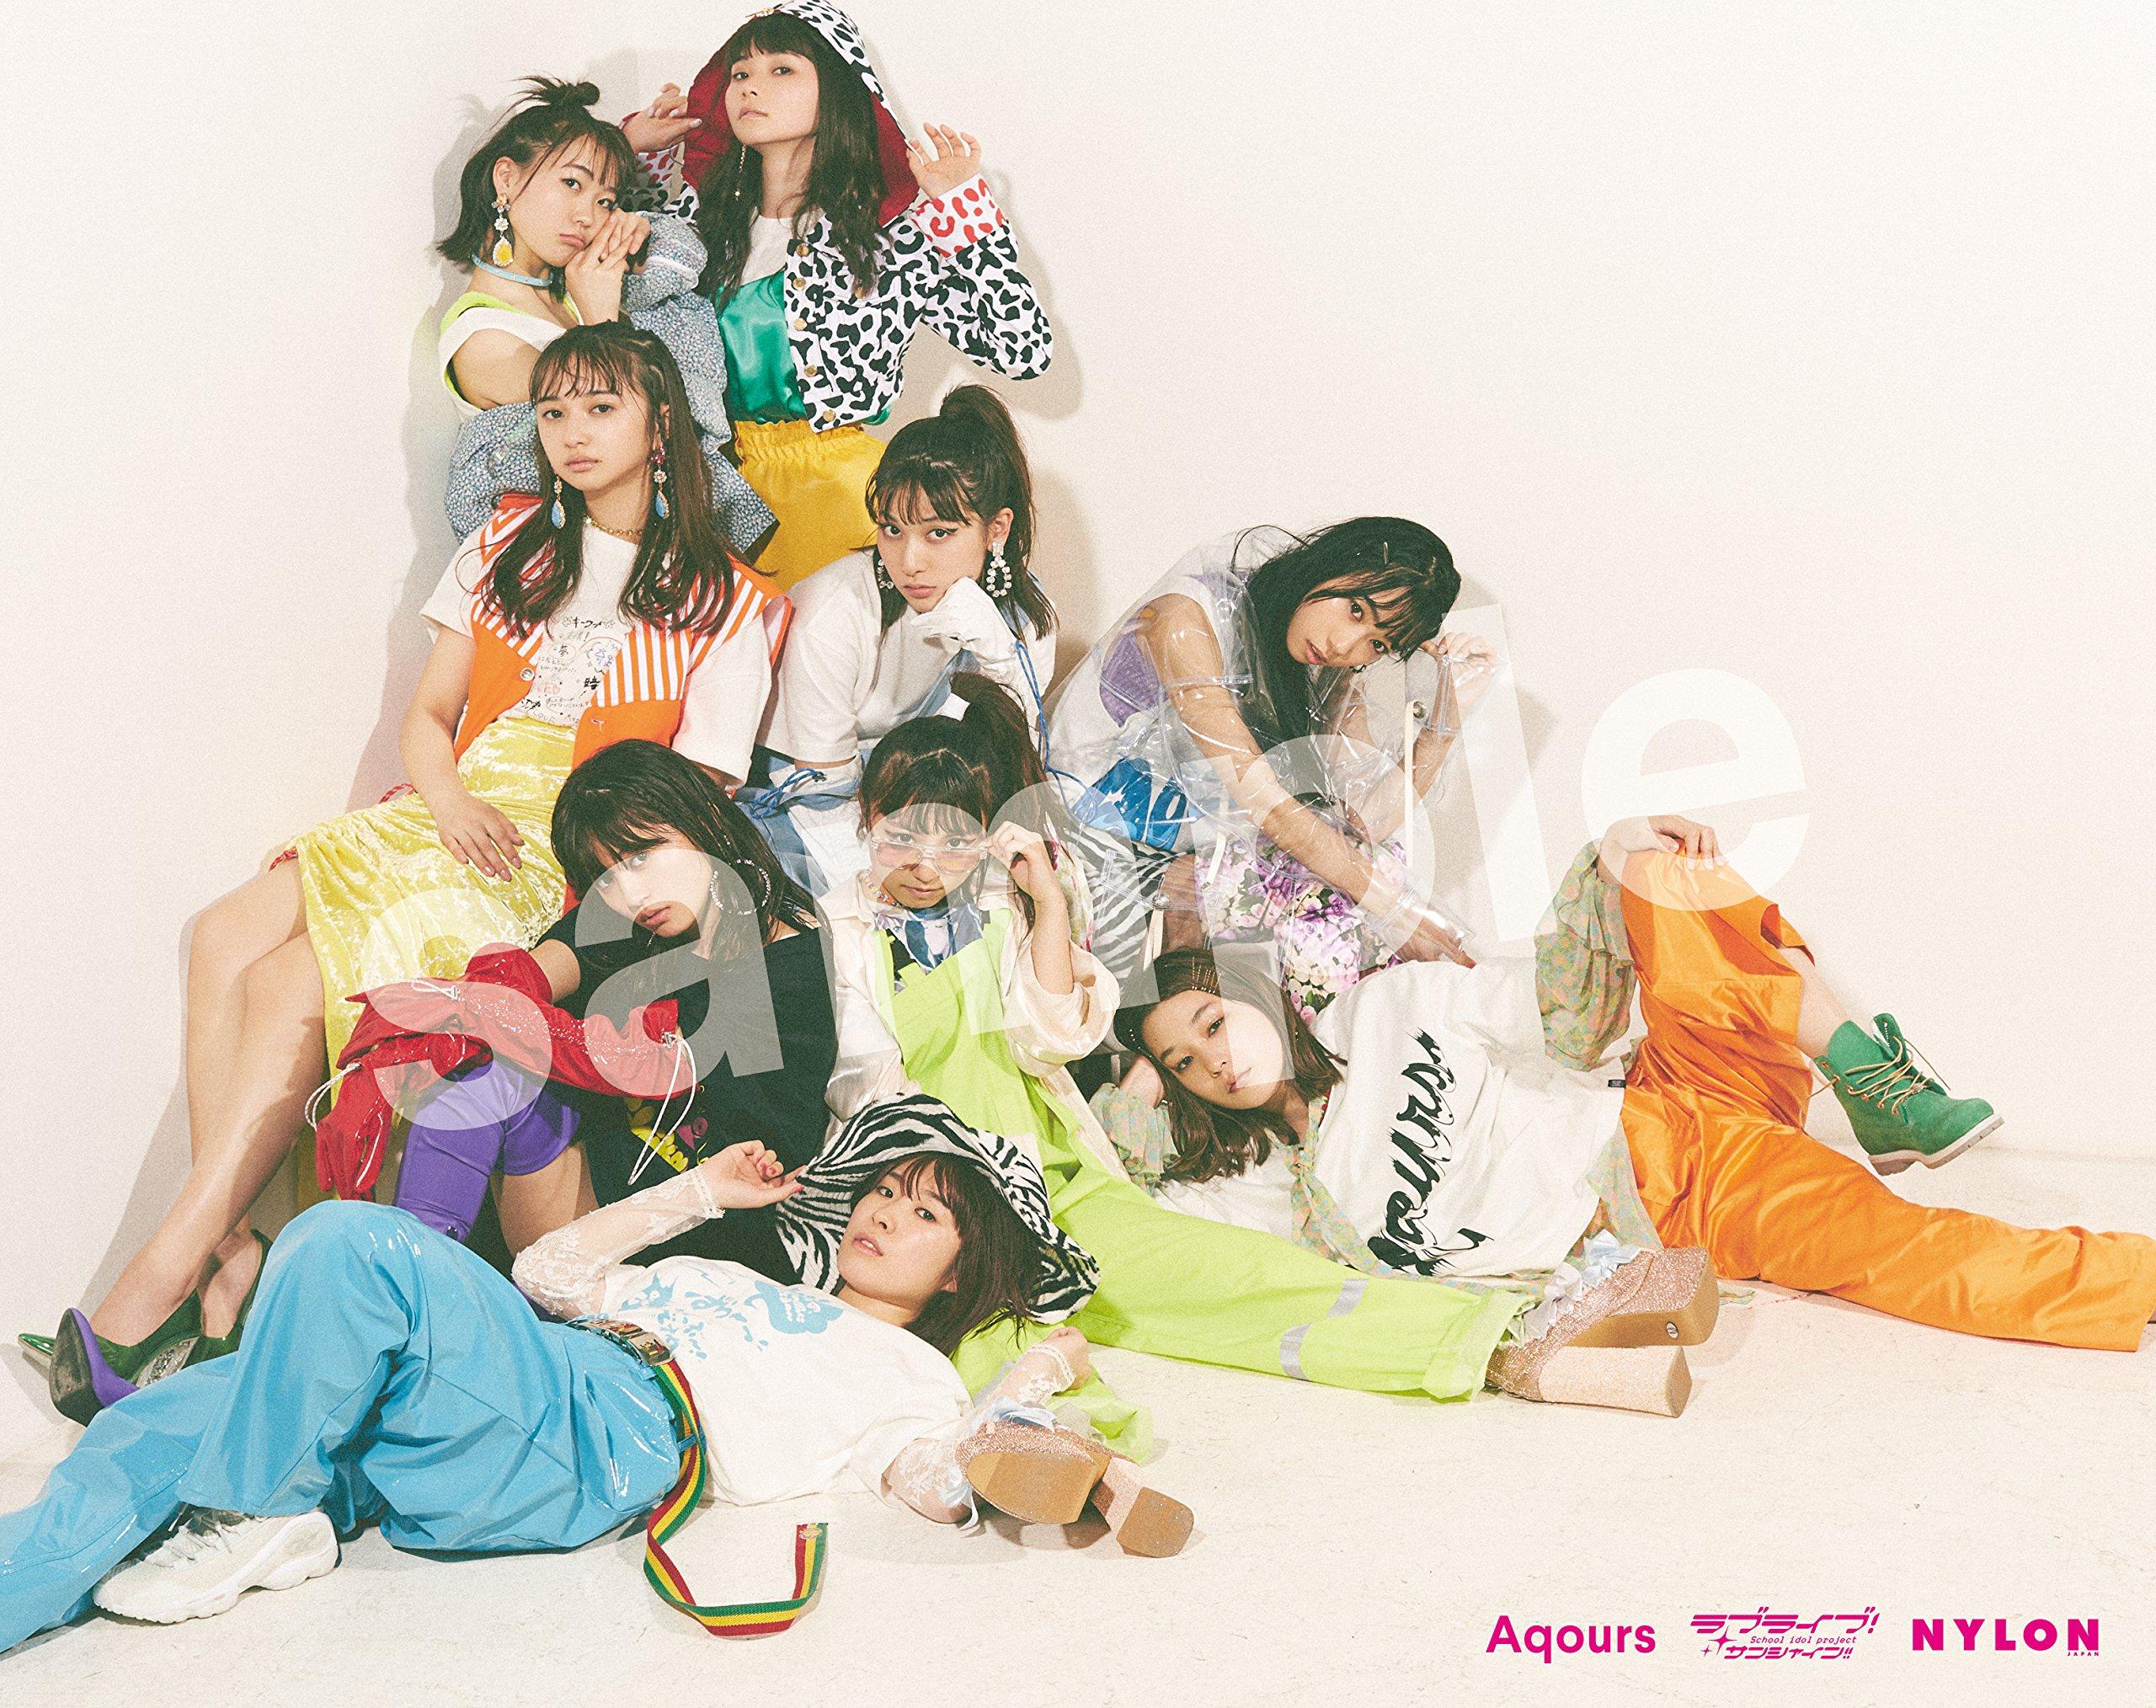 NYLON JAPAN 2018年 7月号スペシャルエディション(Aqours from ラブライブ! サンシャイン!! カバー) (NYLON JAPAN 2018年7月号増刊)